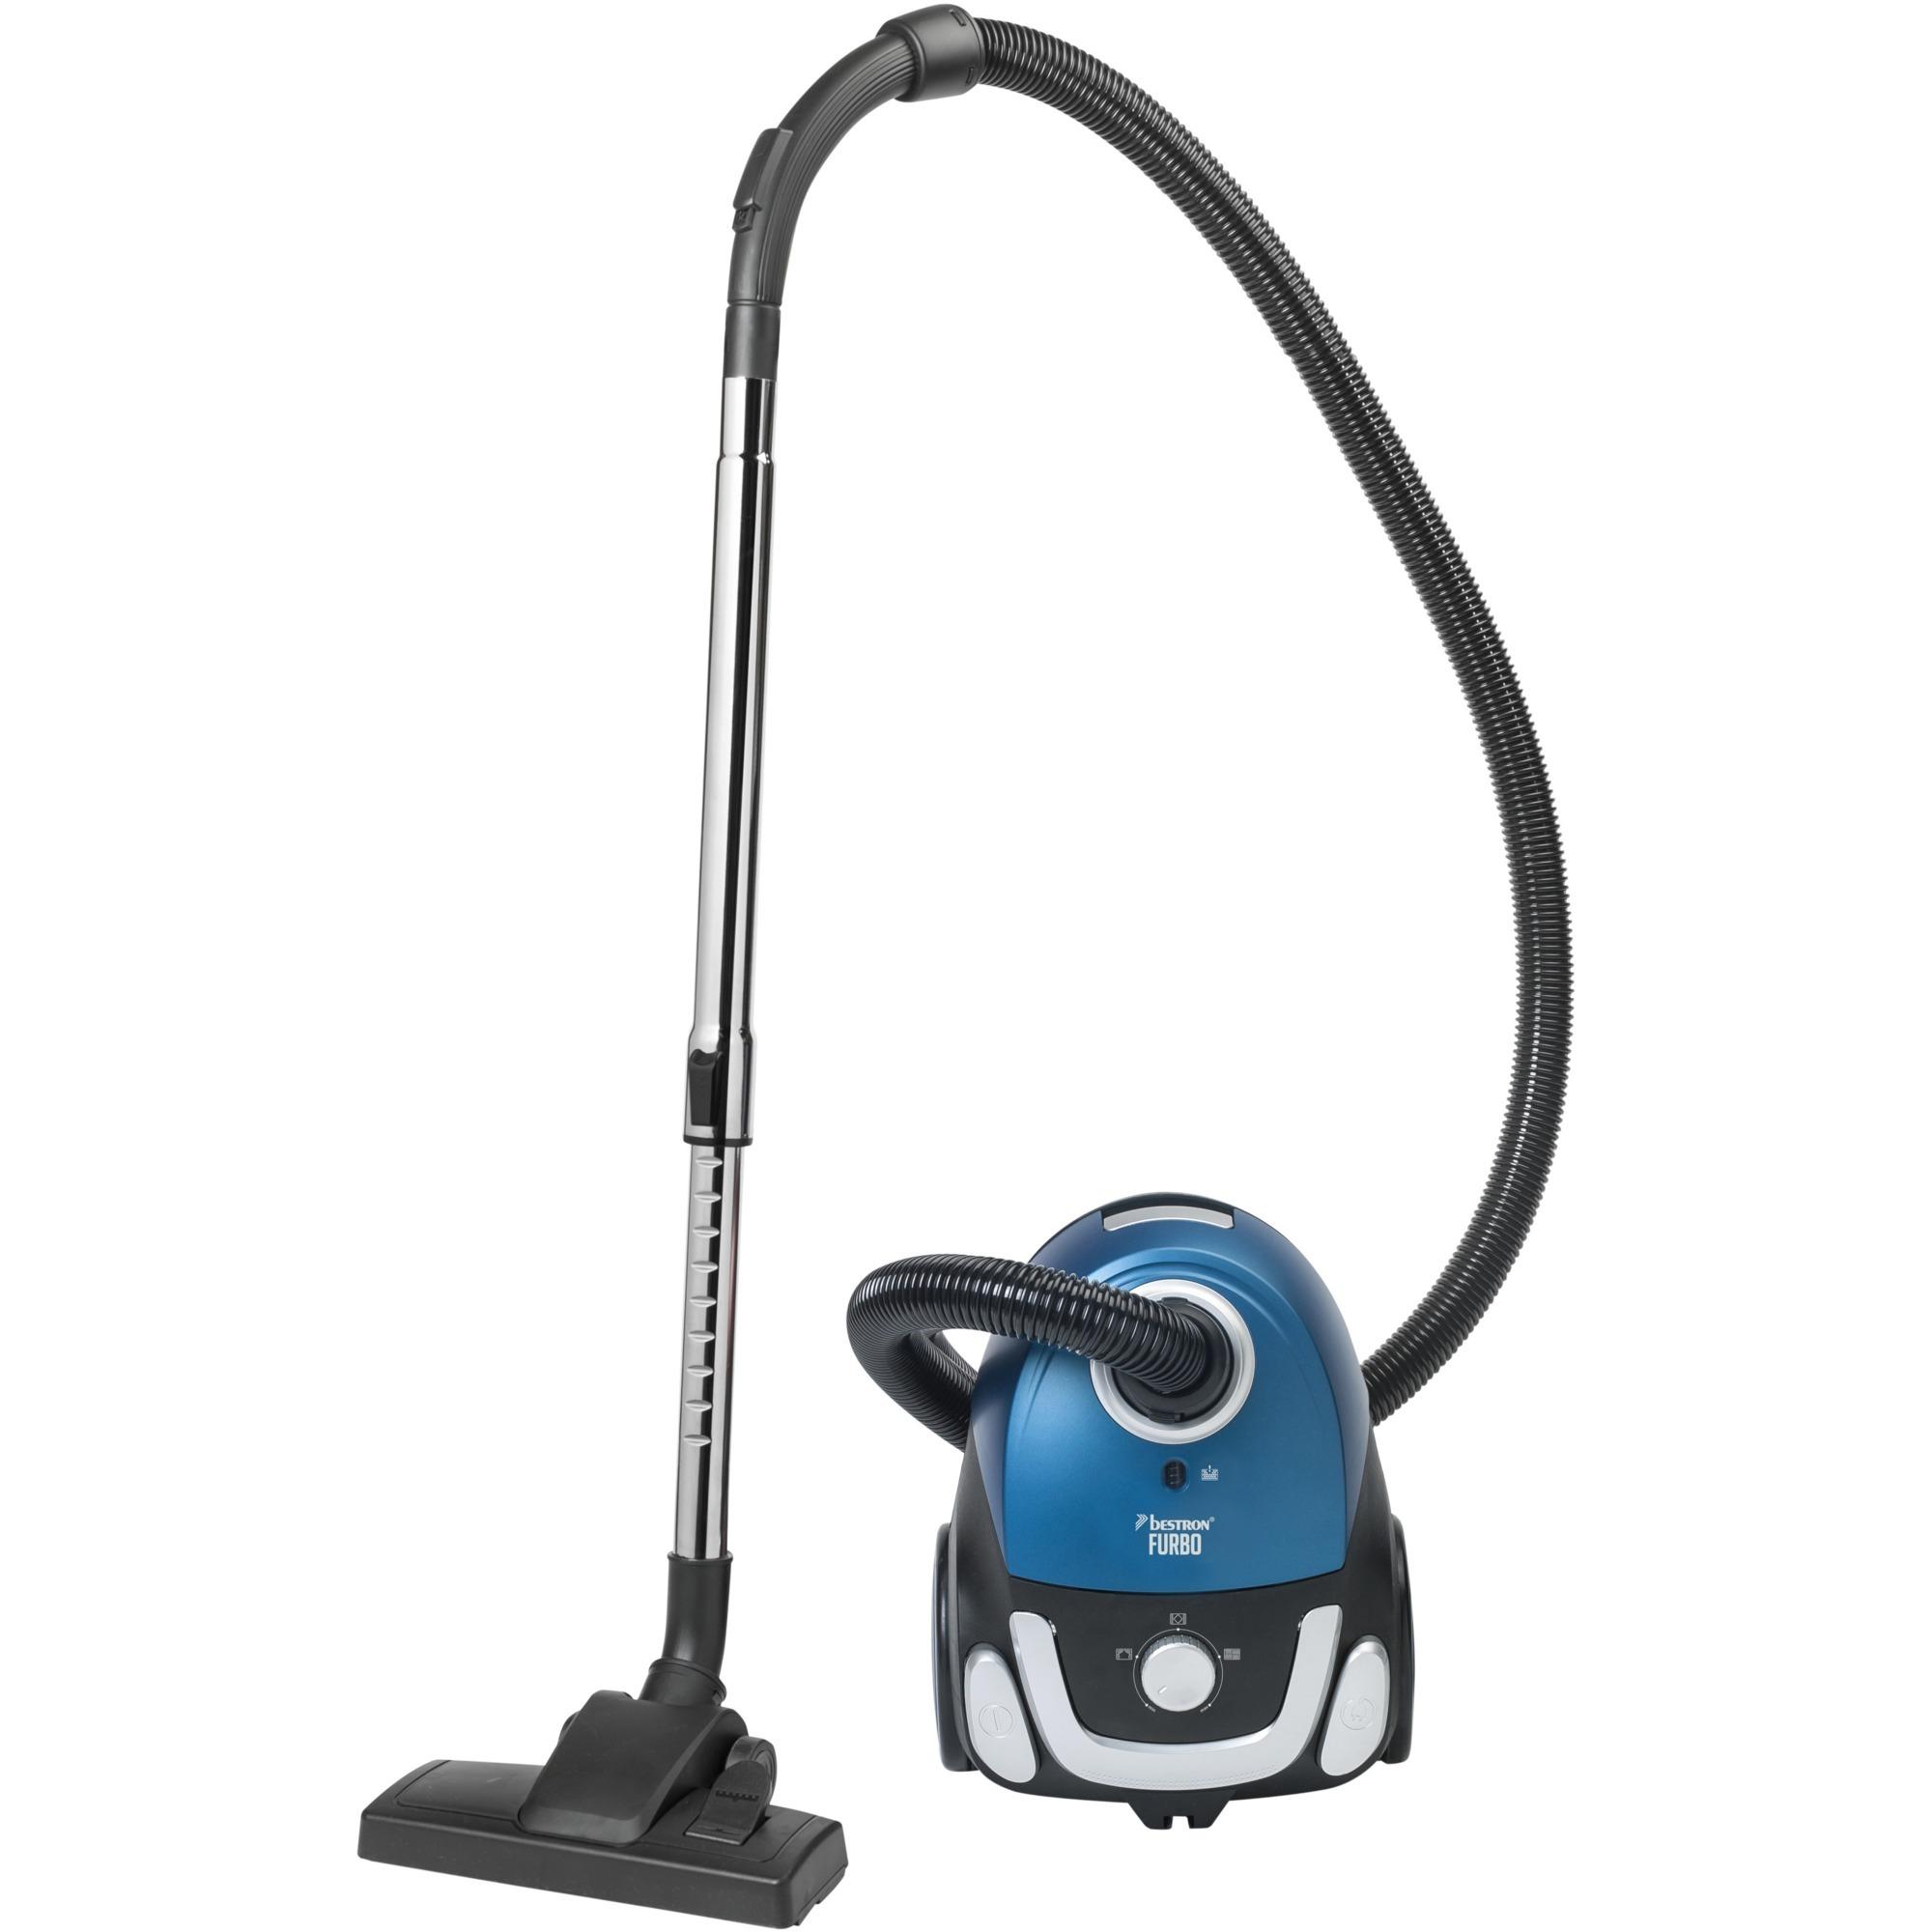 ABG450BSE aspiradora 750 W Aspiradora cilíndrica 1,1 L Negro, Azul, Aspiradora de suelo